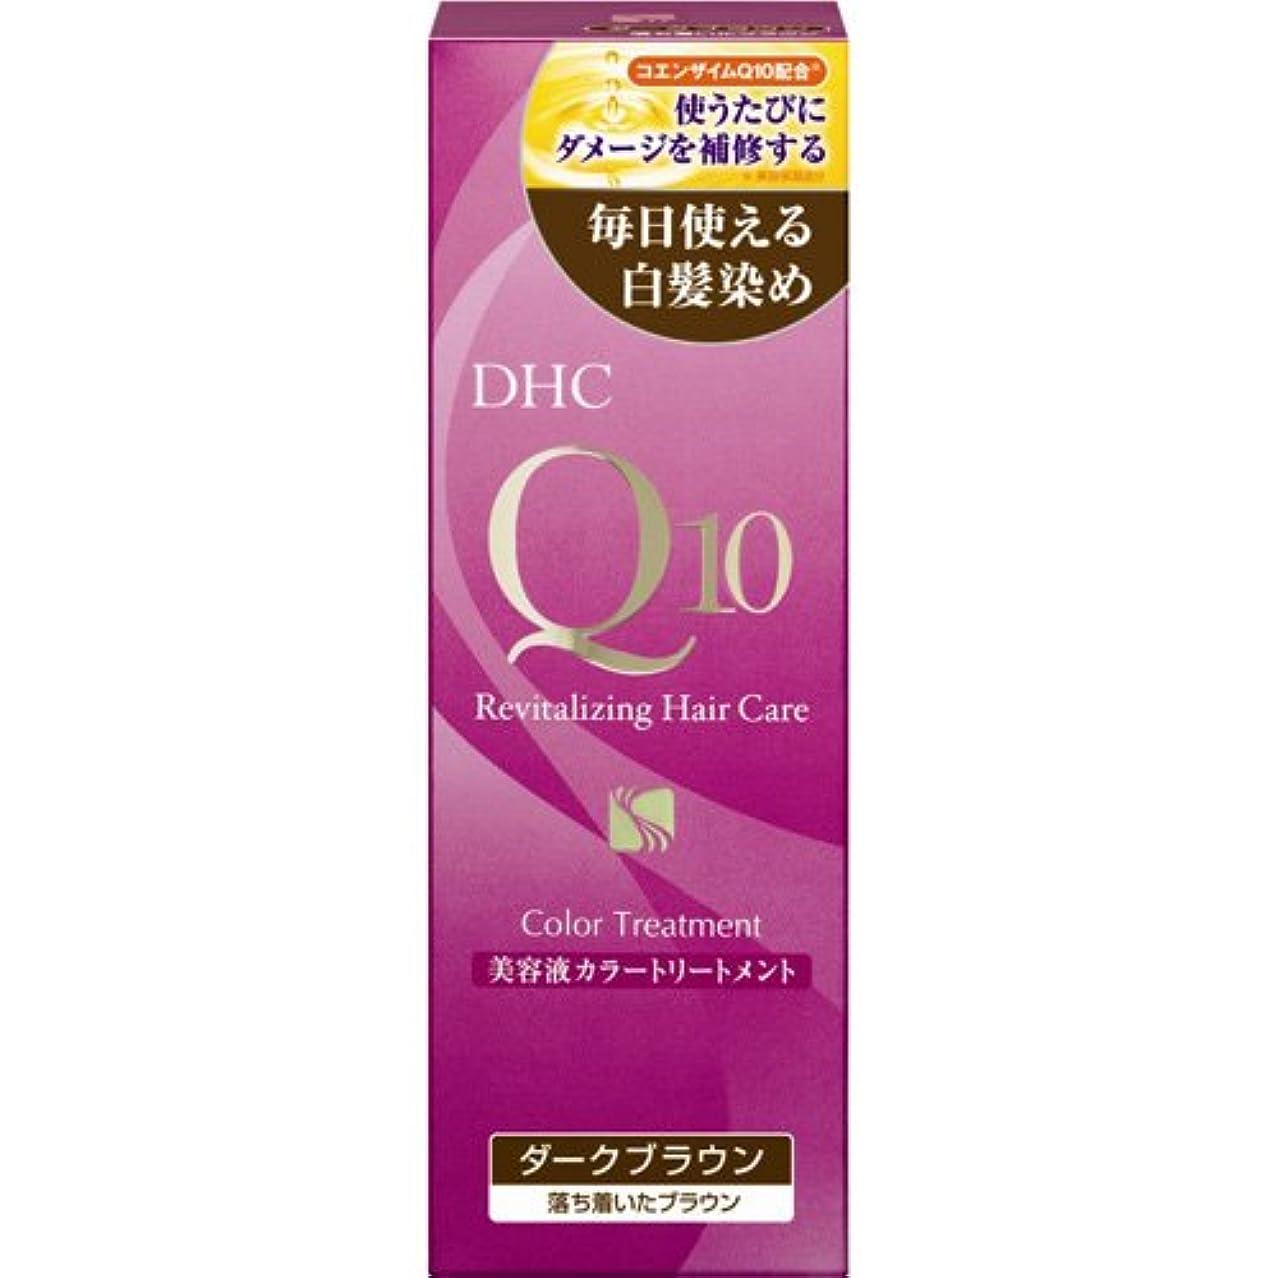 審判地平線アコードDHC Q10美溶液カラートリートメントDブラウンSS170g